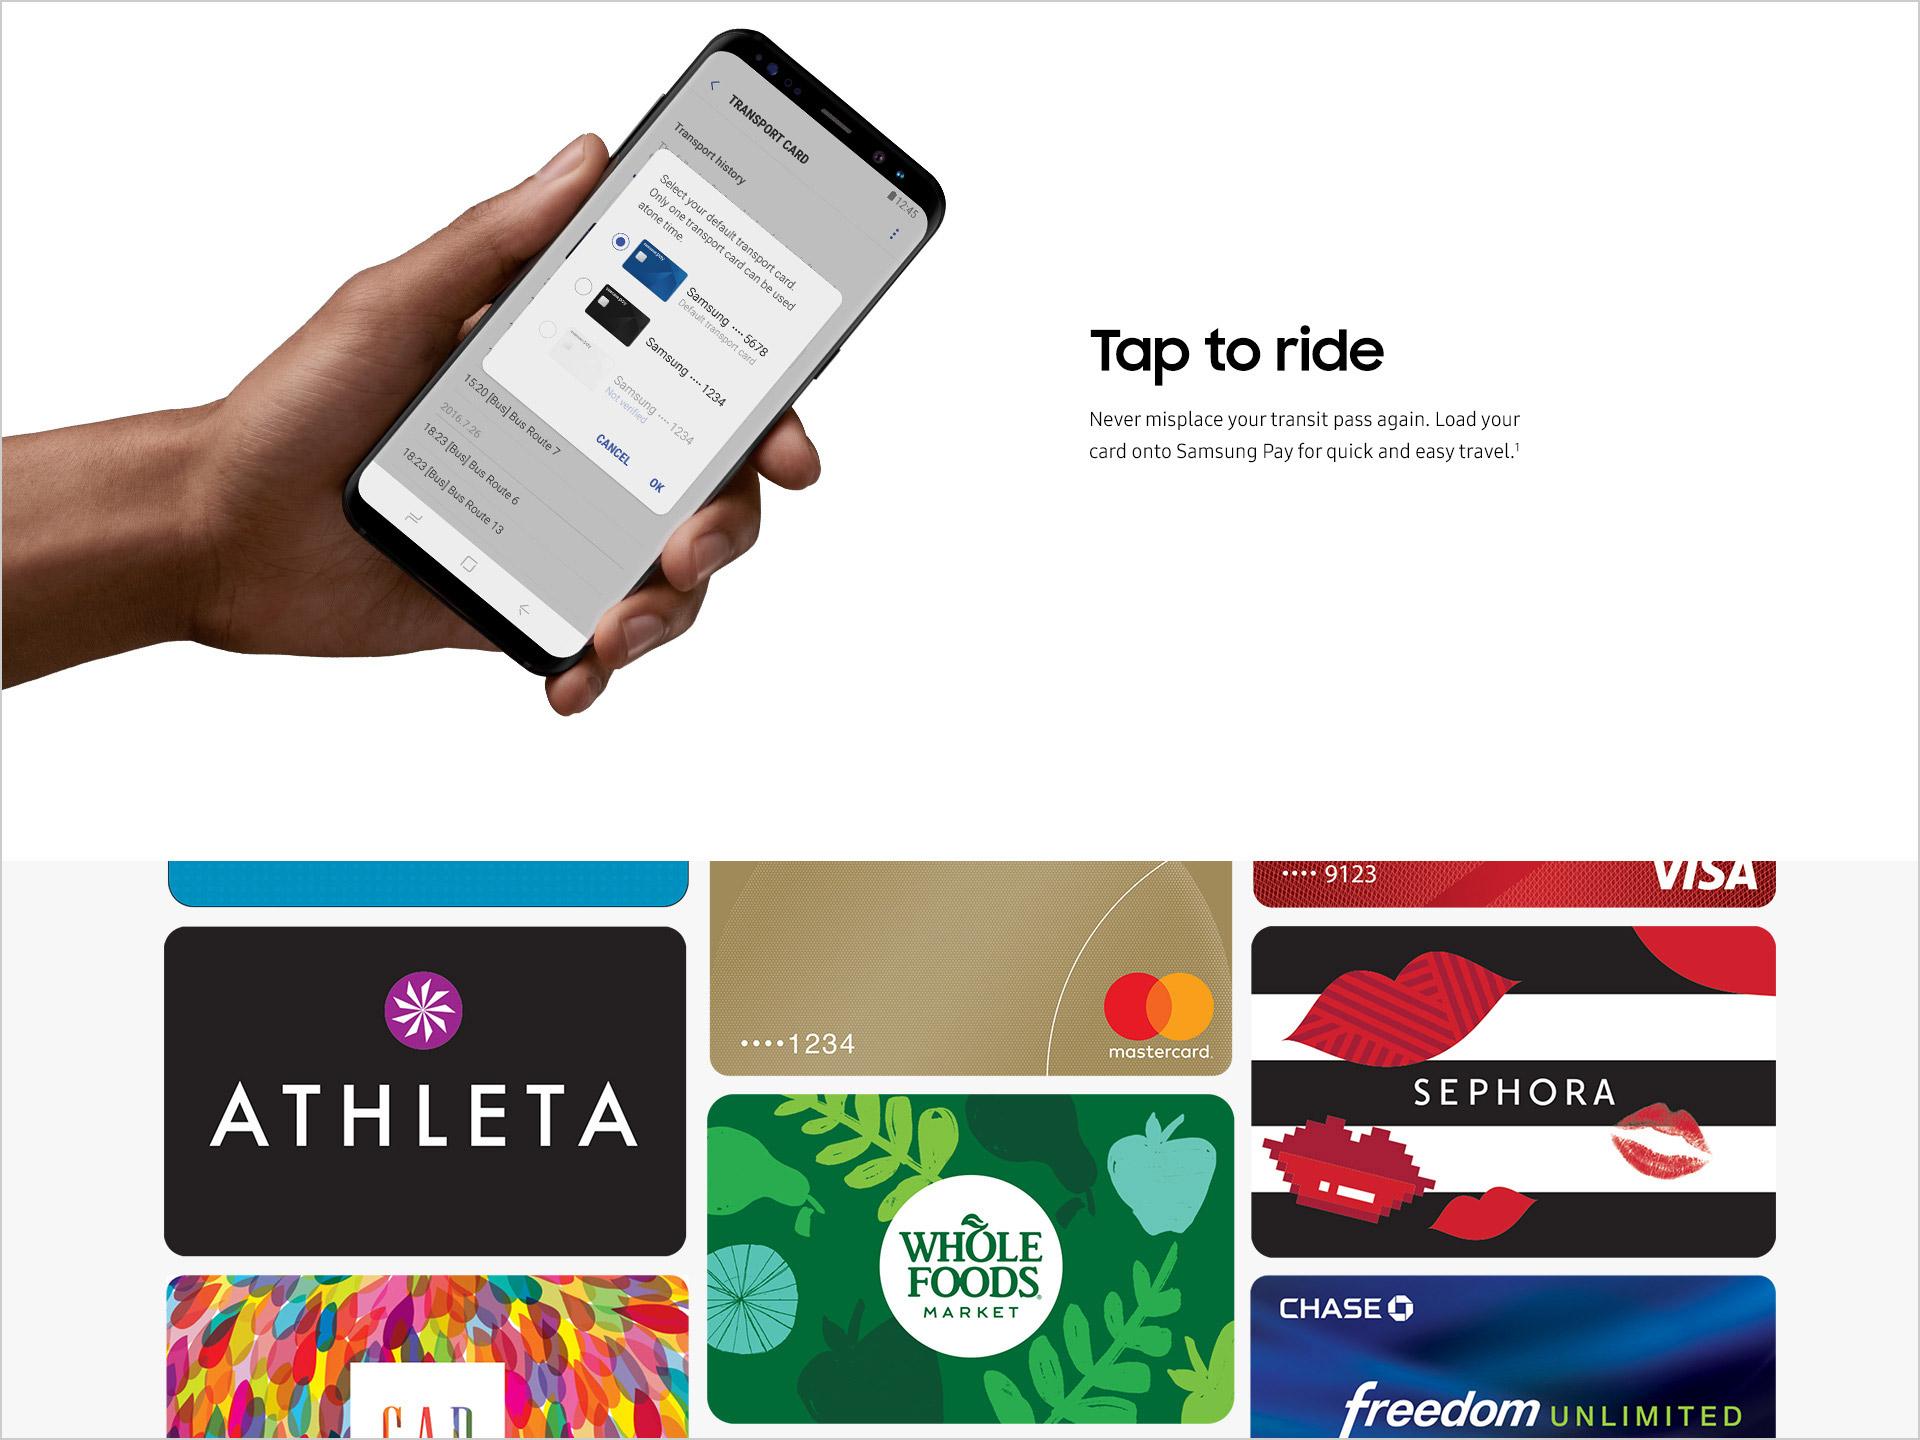 Samsung_Galaxy_S8_Web_Pay_1.jpg